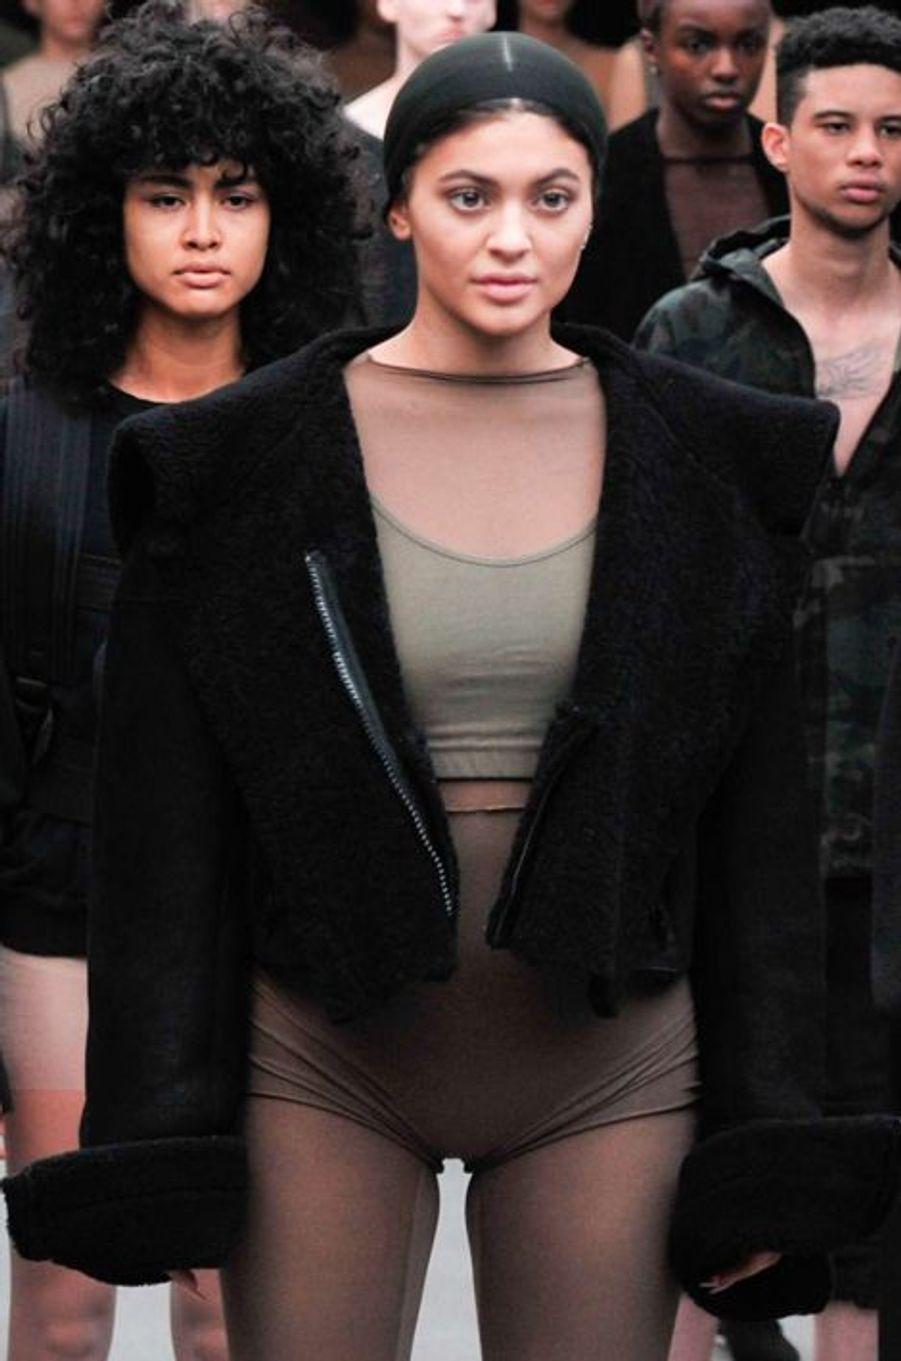 Kylie Jenner défile pour son beau-frère, Kanye West, à New York le 12 février 2015